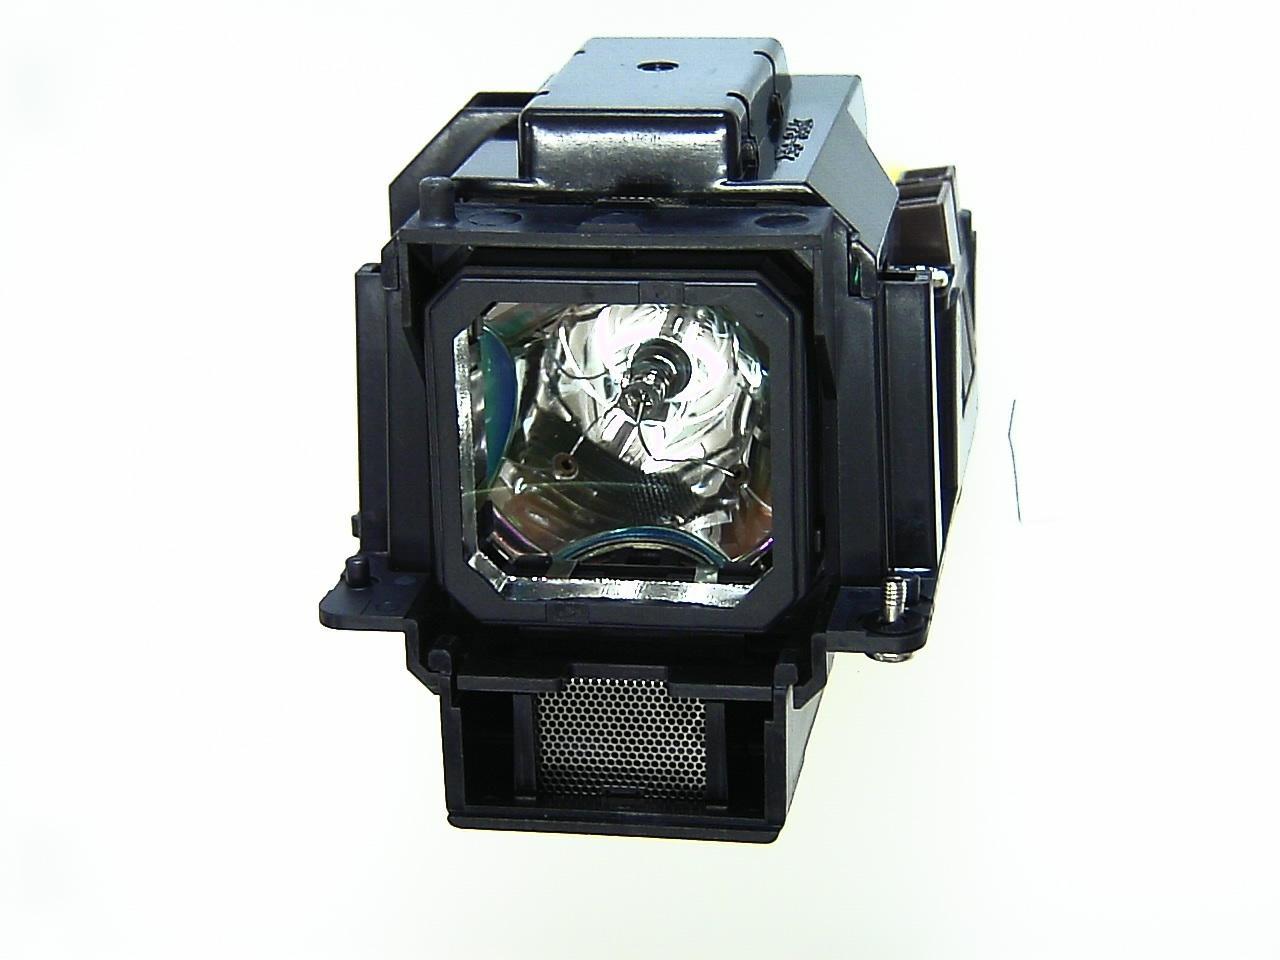 Lámpara CANON LV-7245